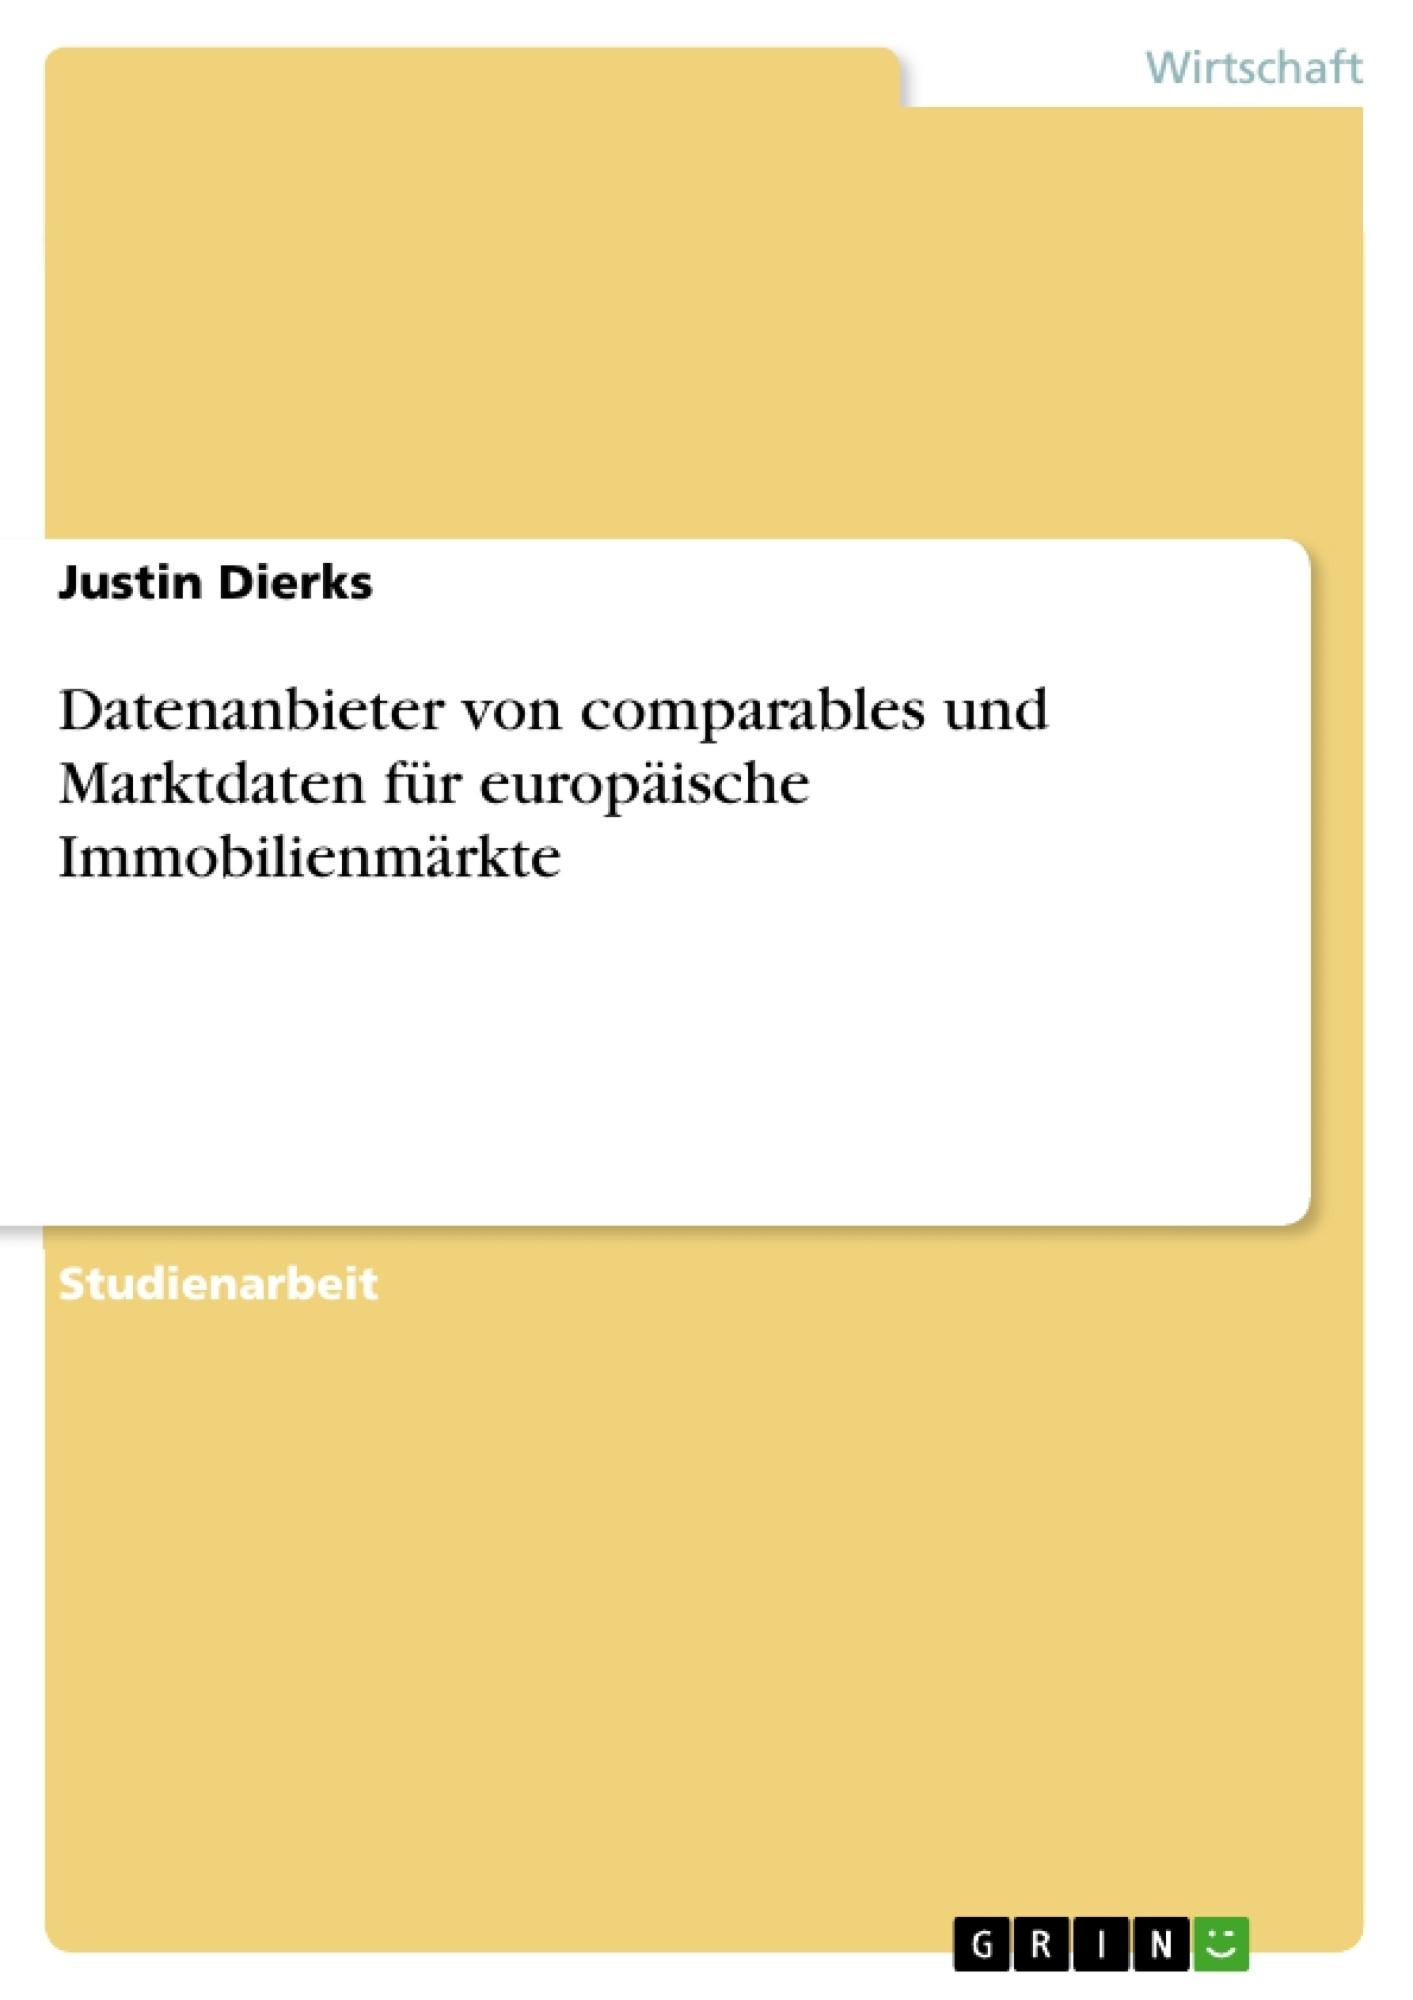 Titel: Datenanbieter von comparables und Marktdaten für europäische Immobilienmärkte